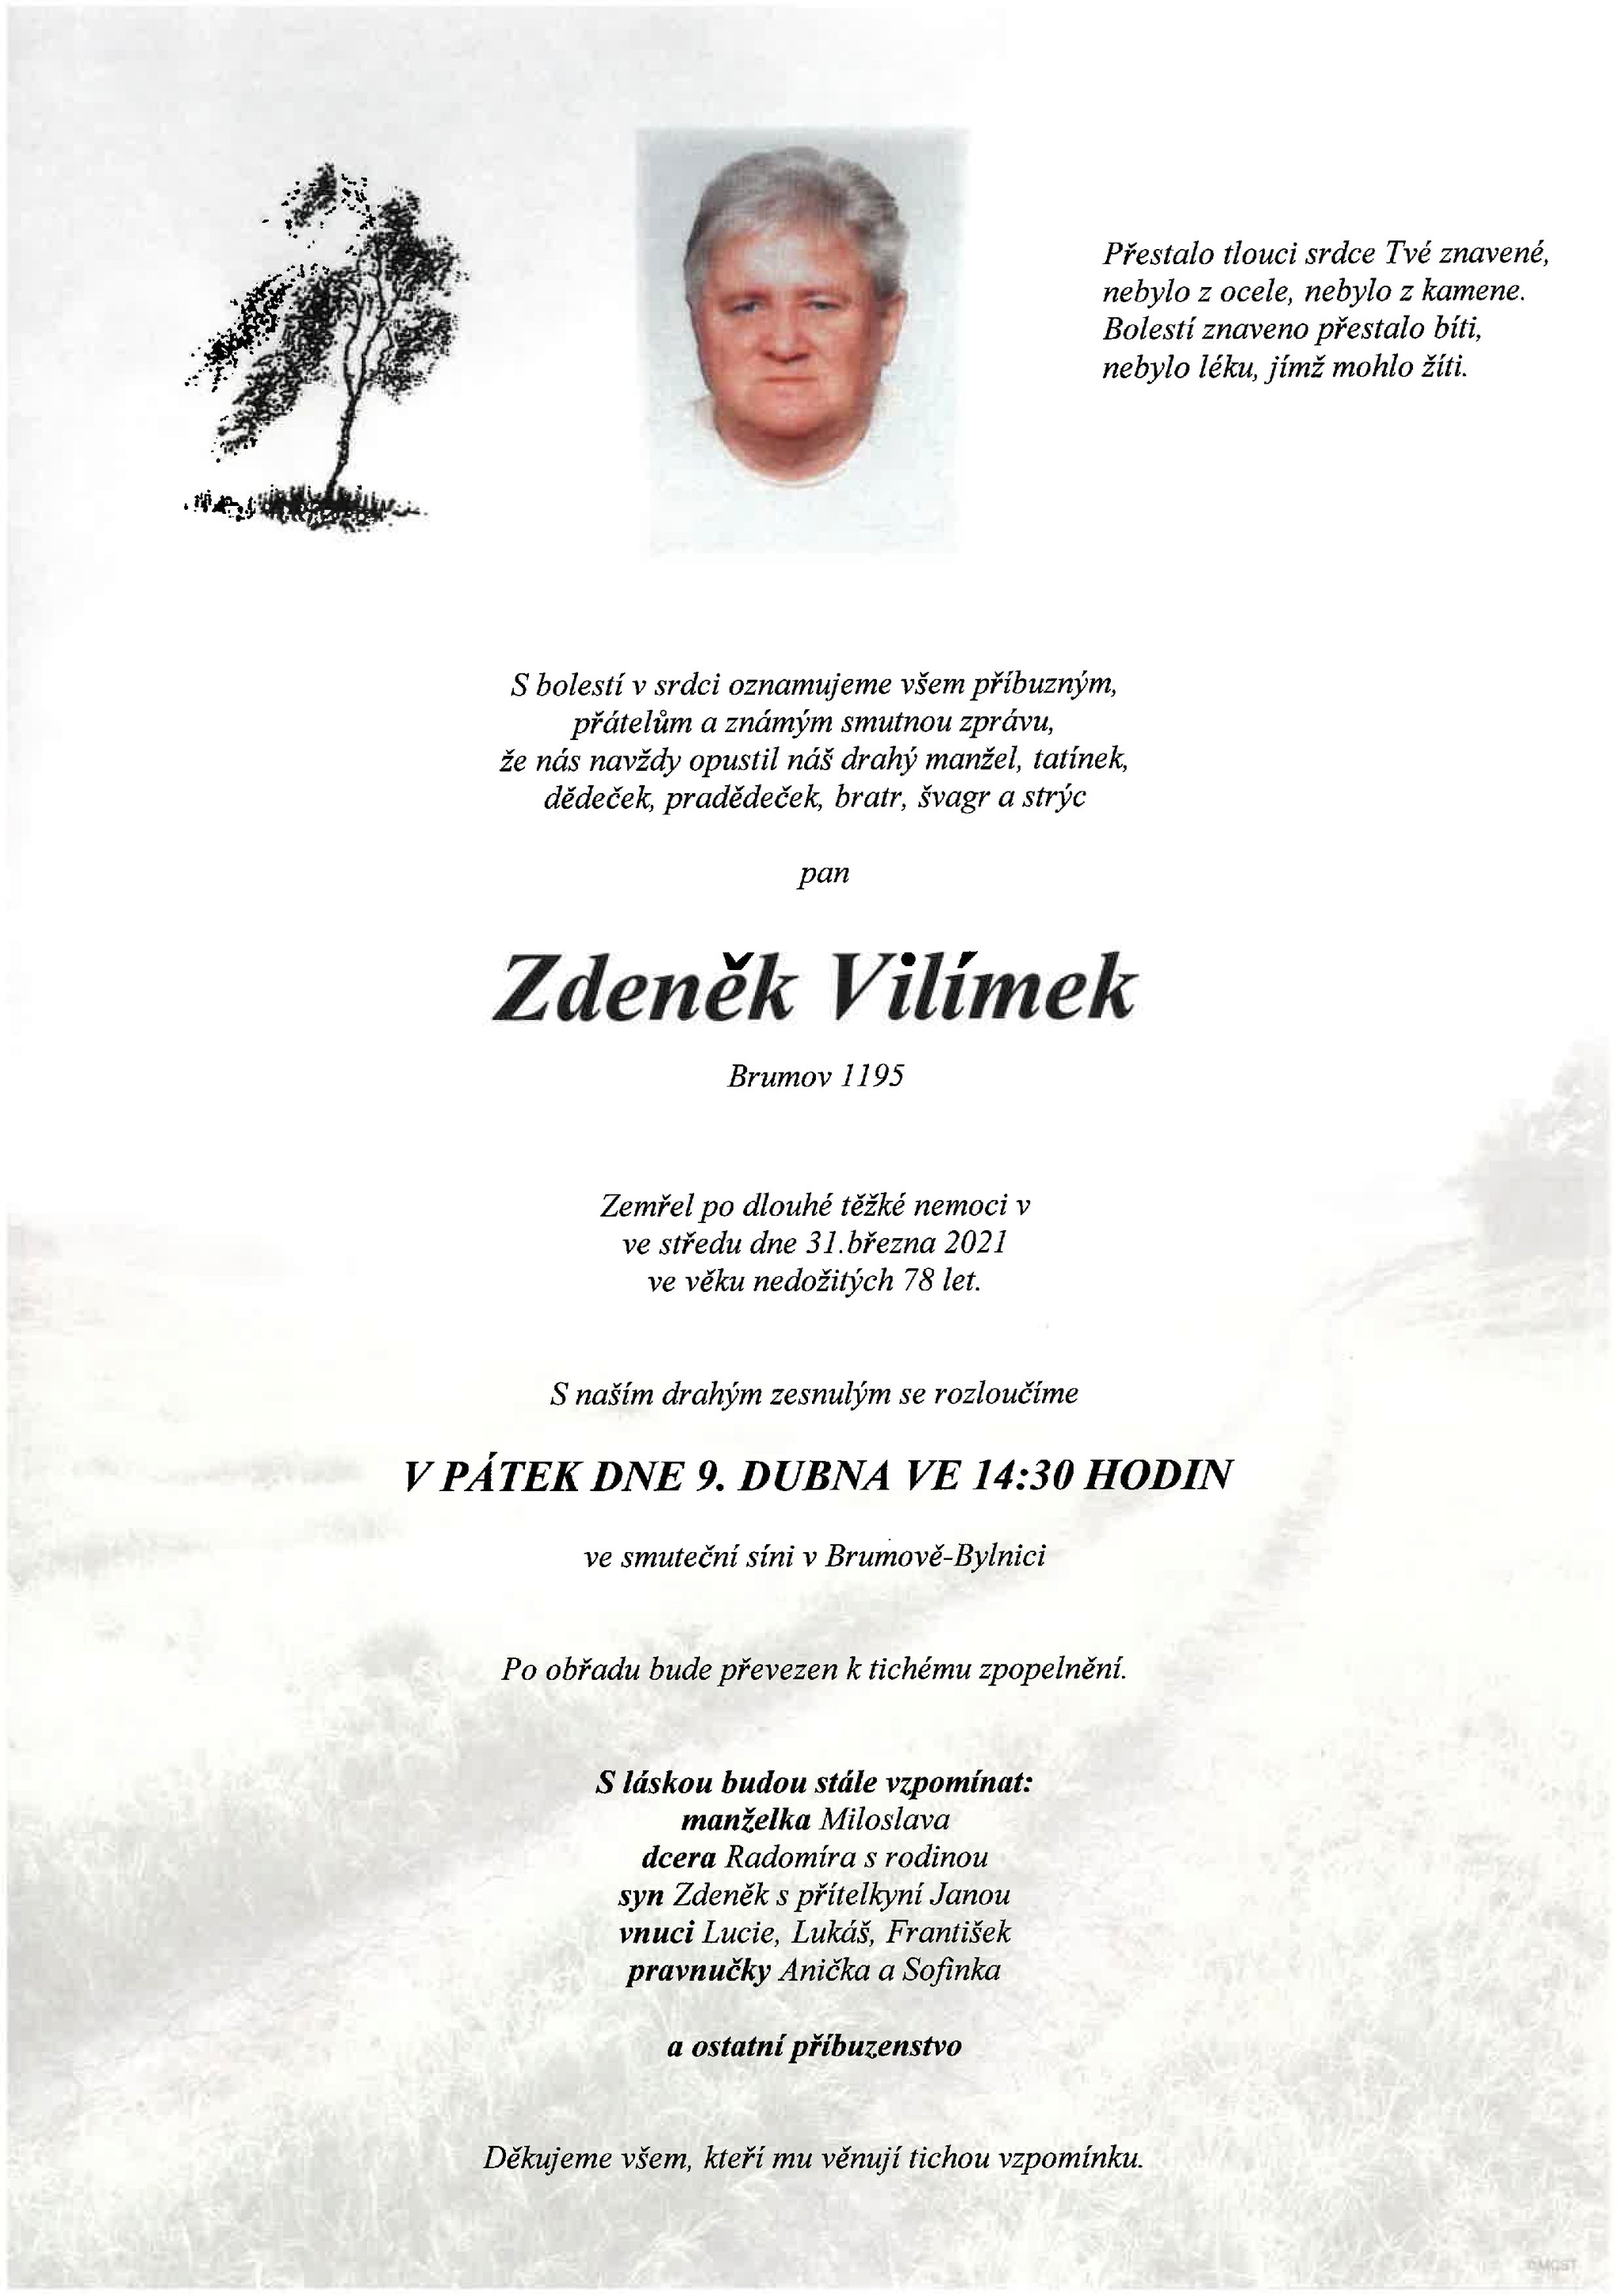 Zdeněk Vilímek